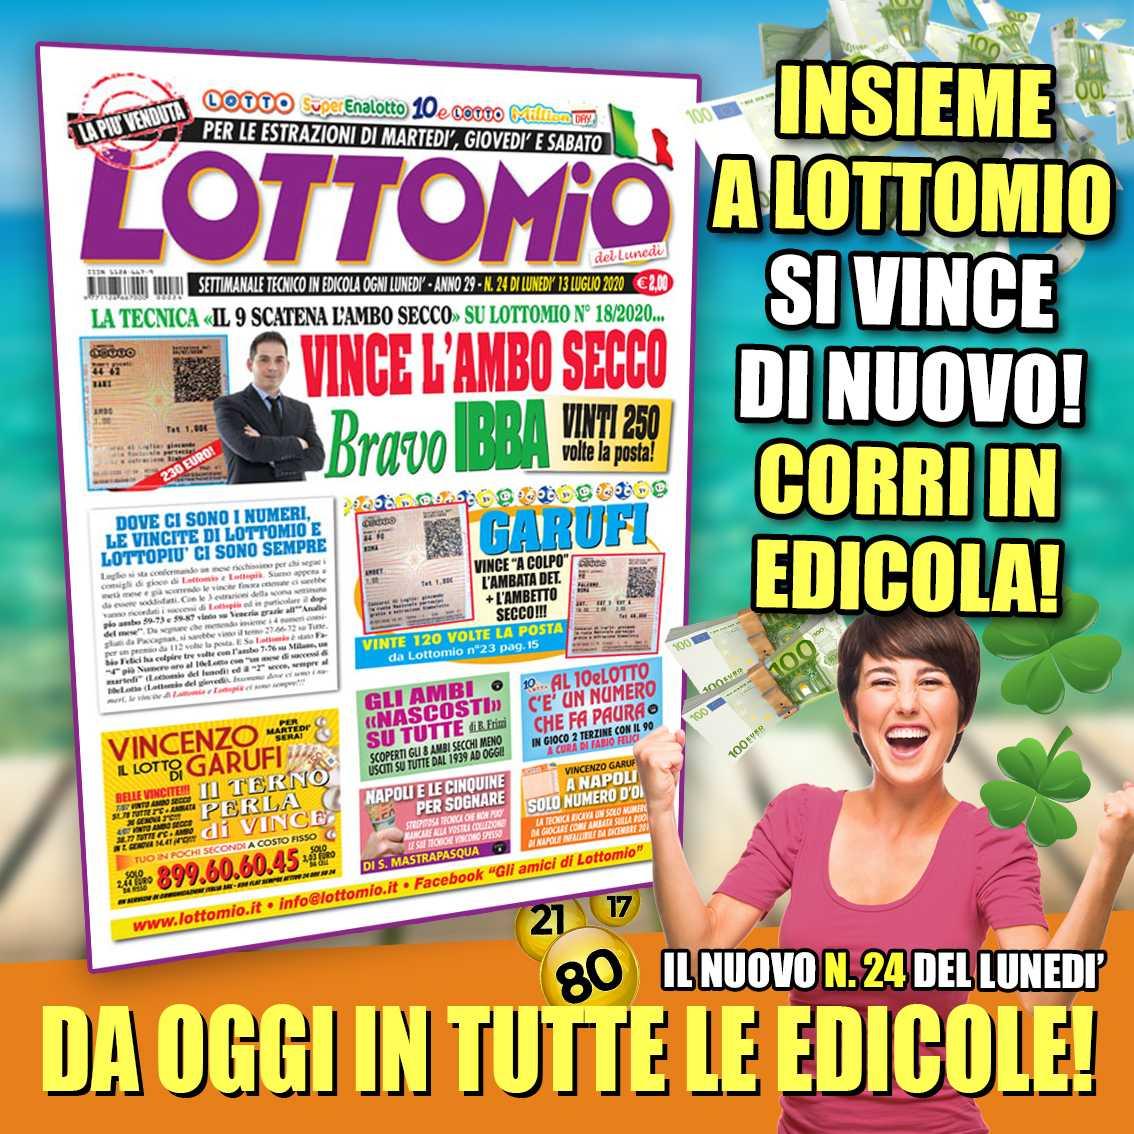 Superenalotto superstar: come funziona - lottomatica.it